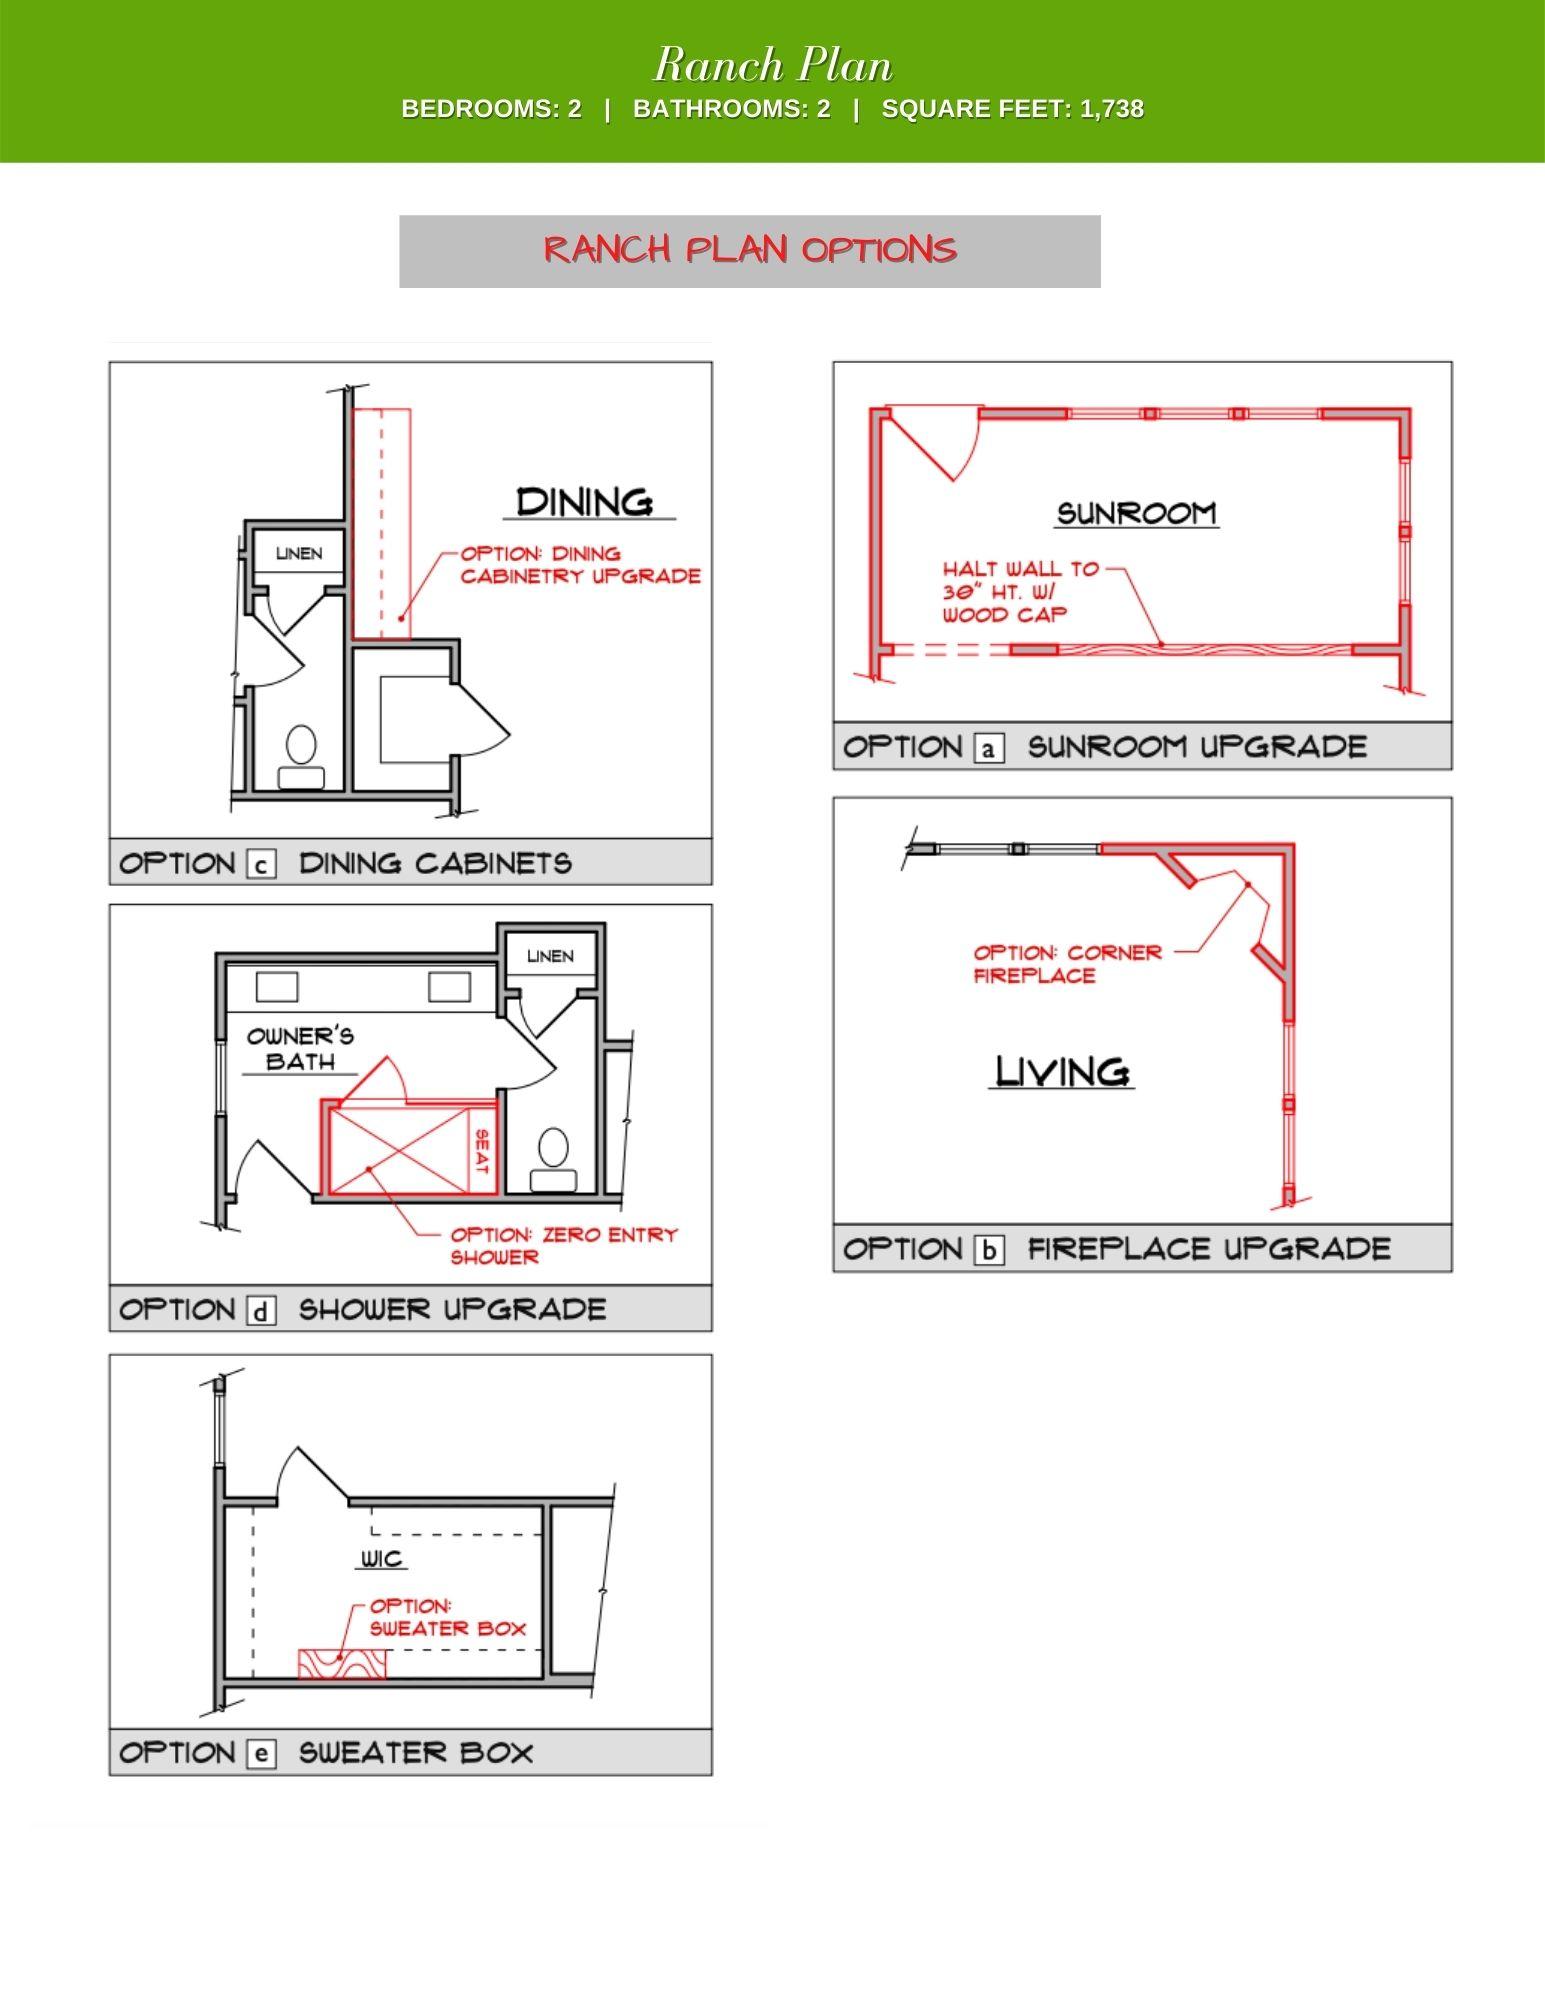 Wisteria Floor Plan Options